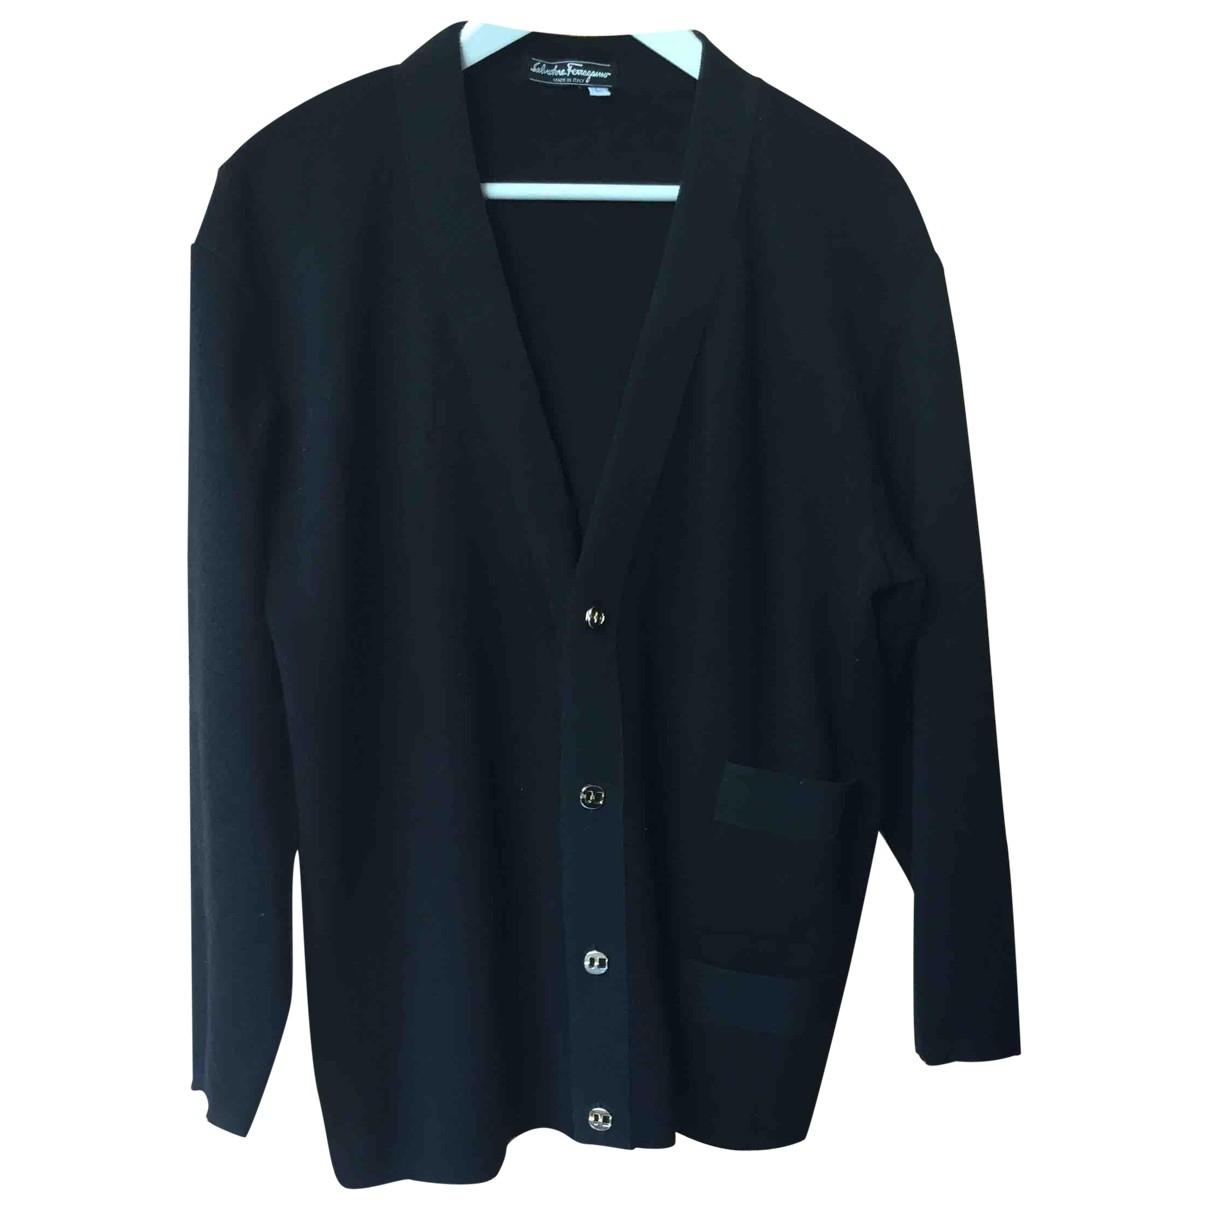 Salvatore Ferragamo - Pull   pour femme en laine - noir